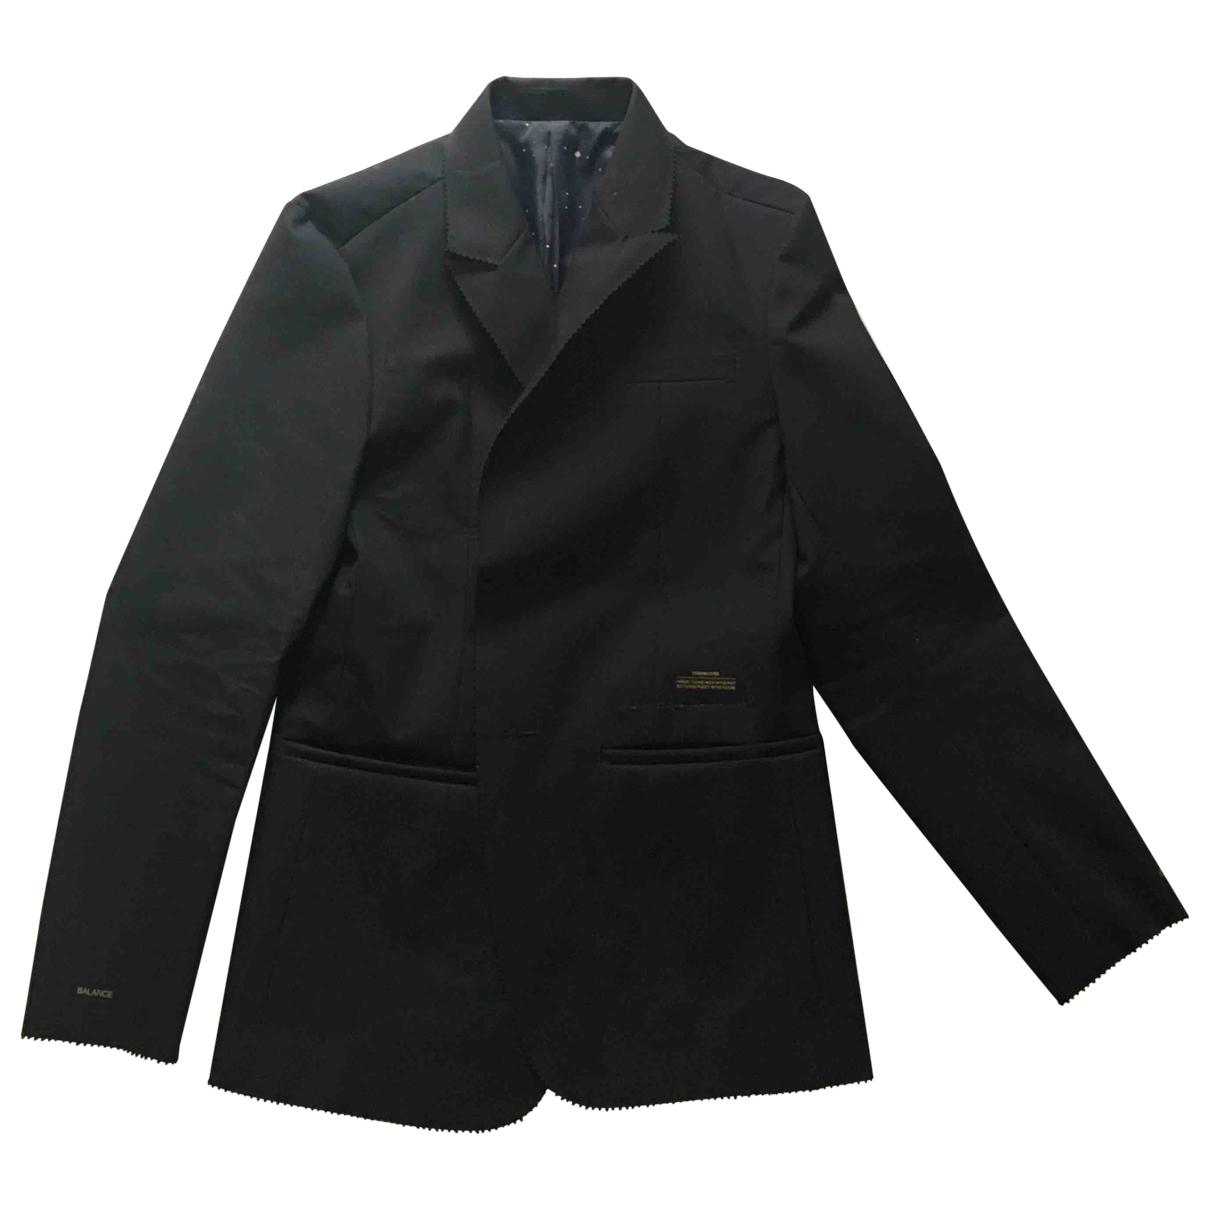 Undercover - Vestes.Blousons   pour homme en coton - noir